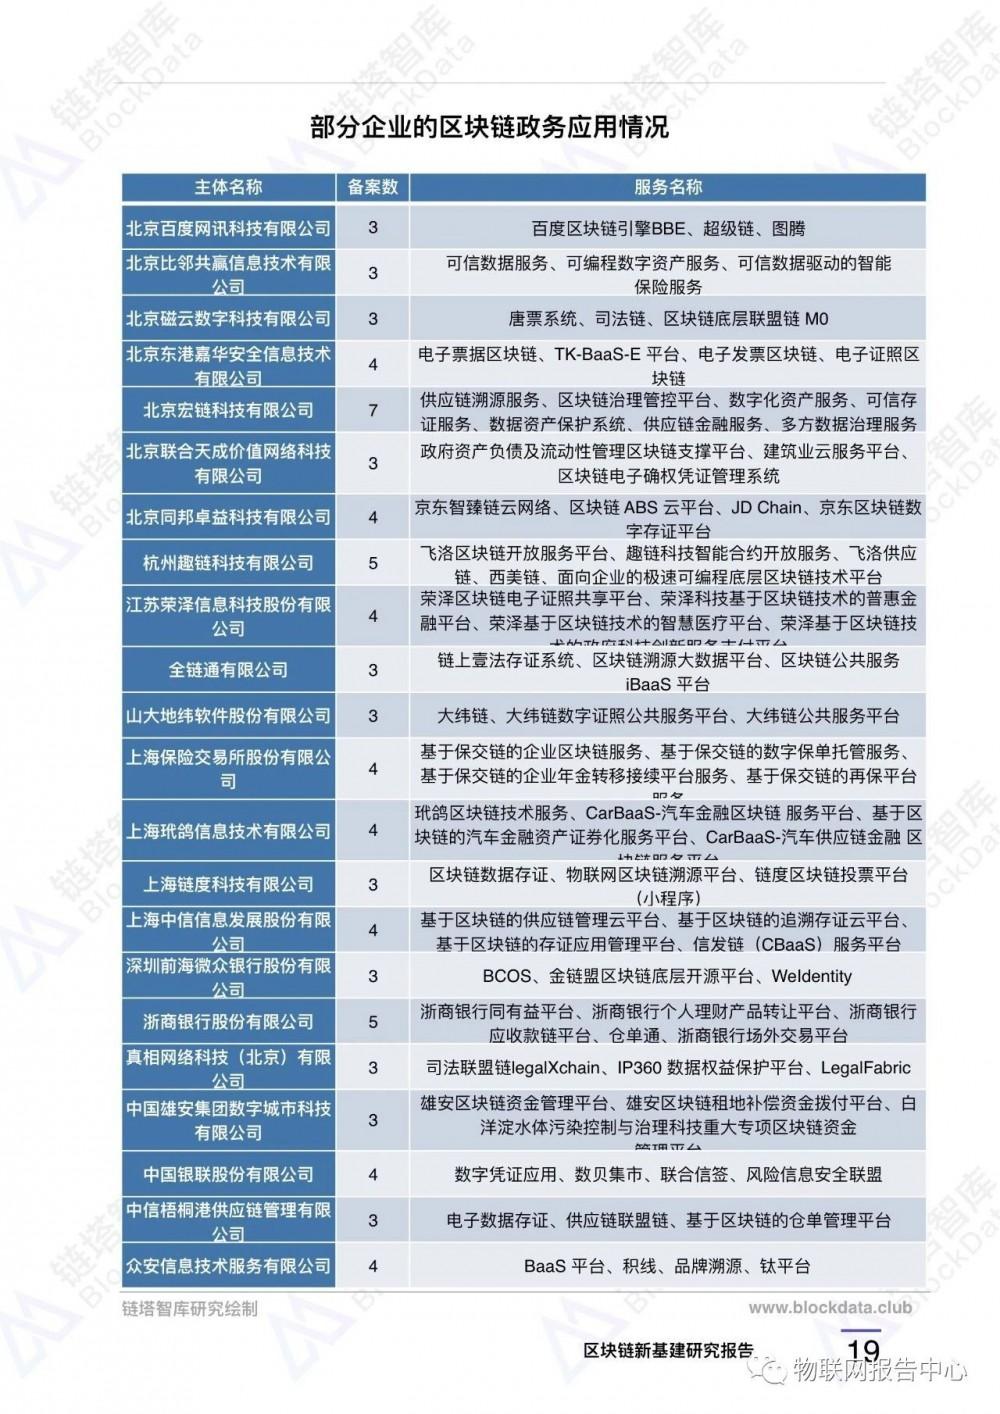 区块链应用之九:中国新基建区块链重点项目配图(22)